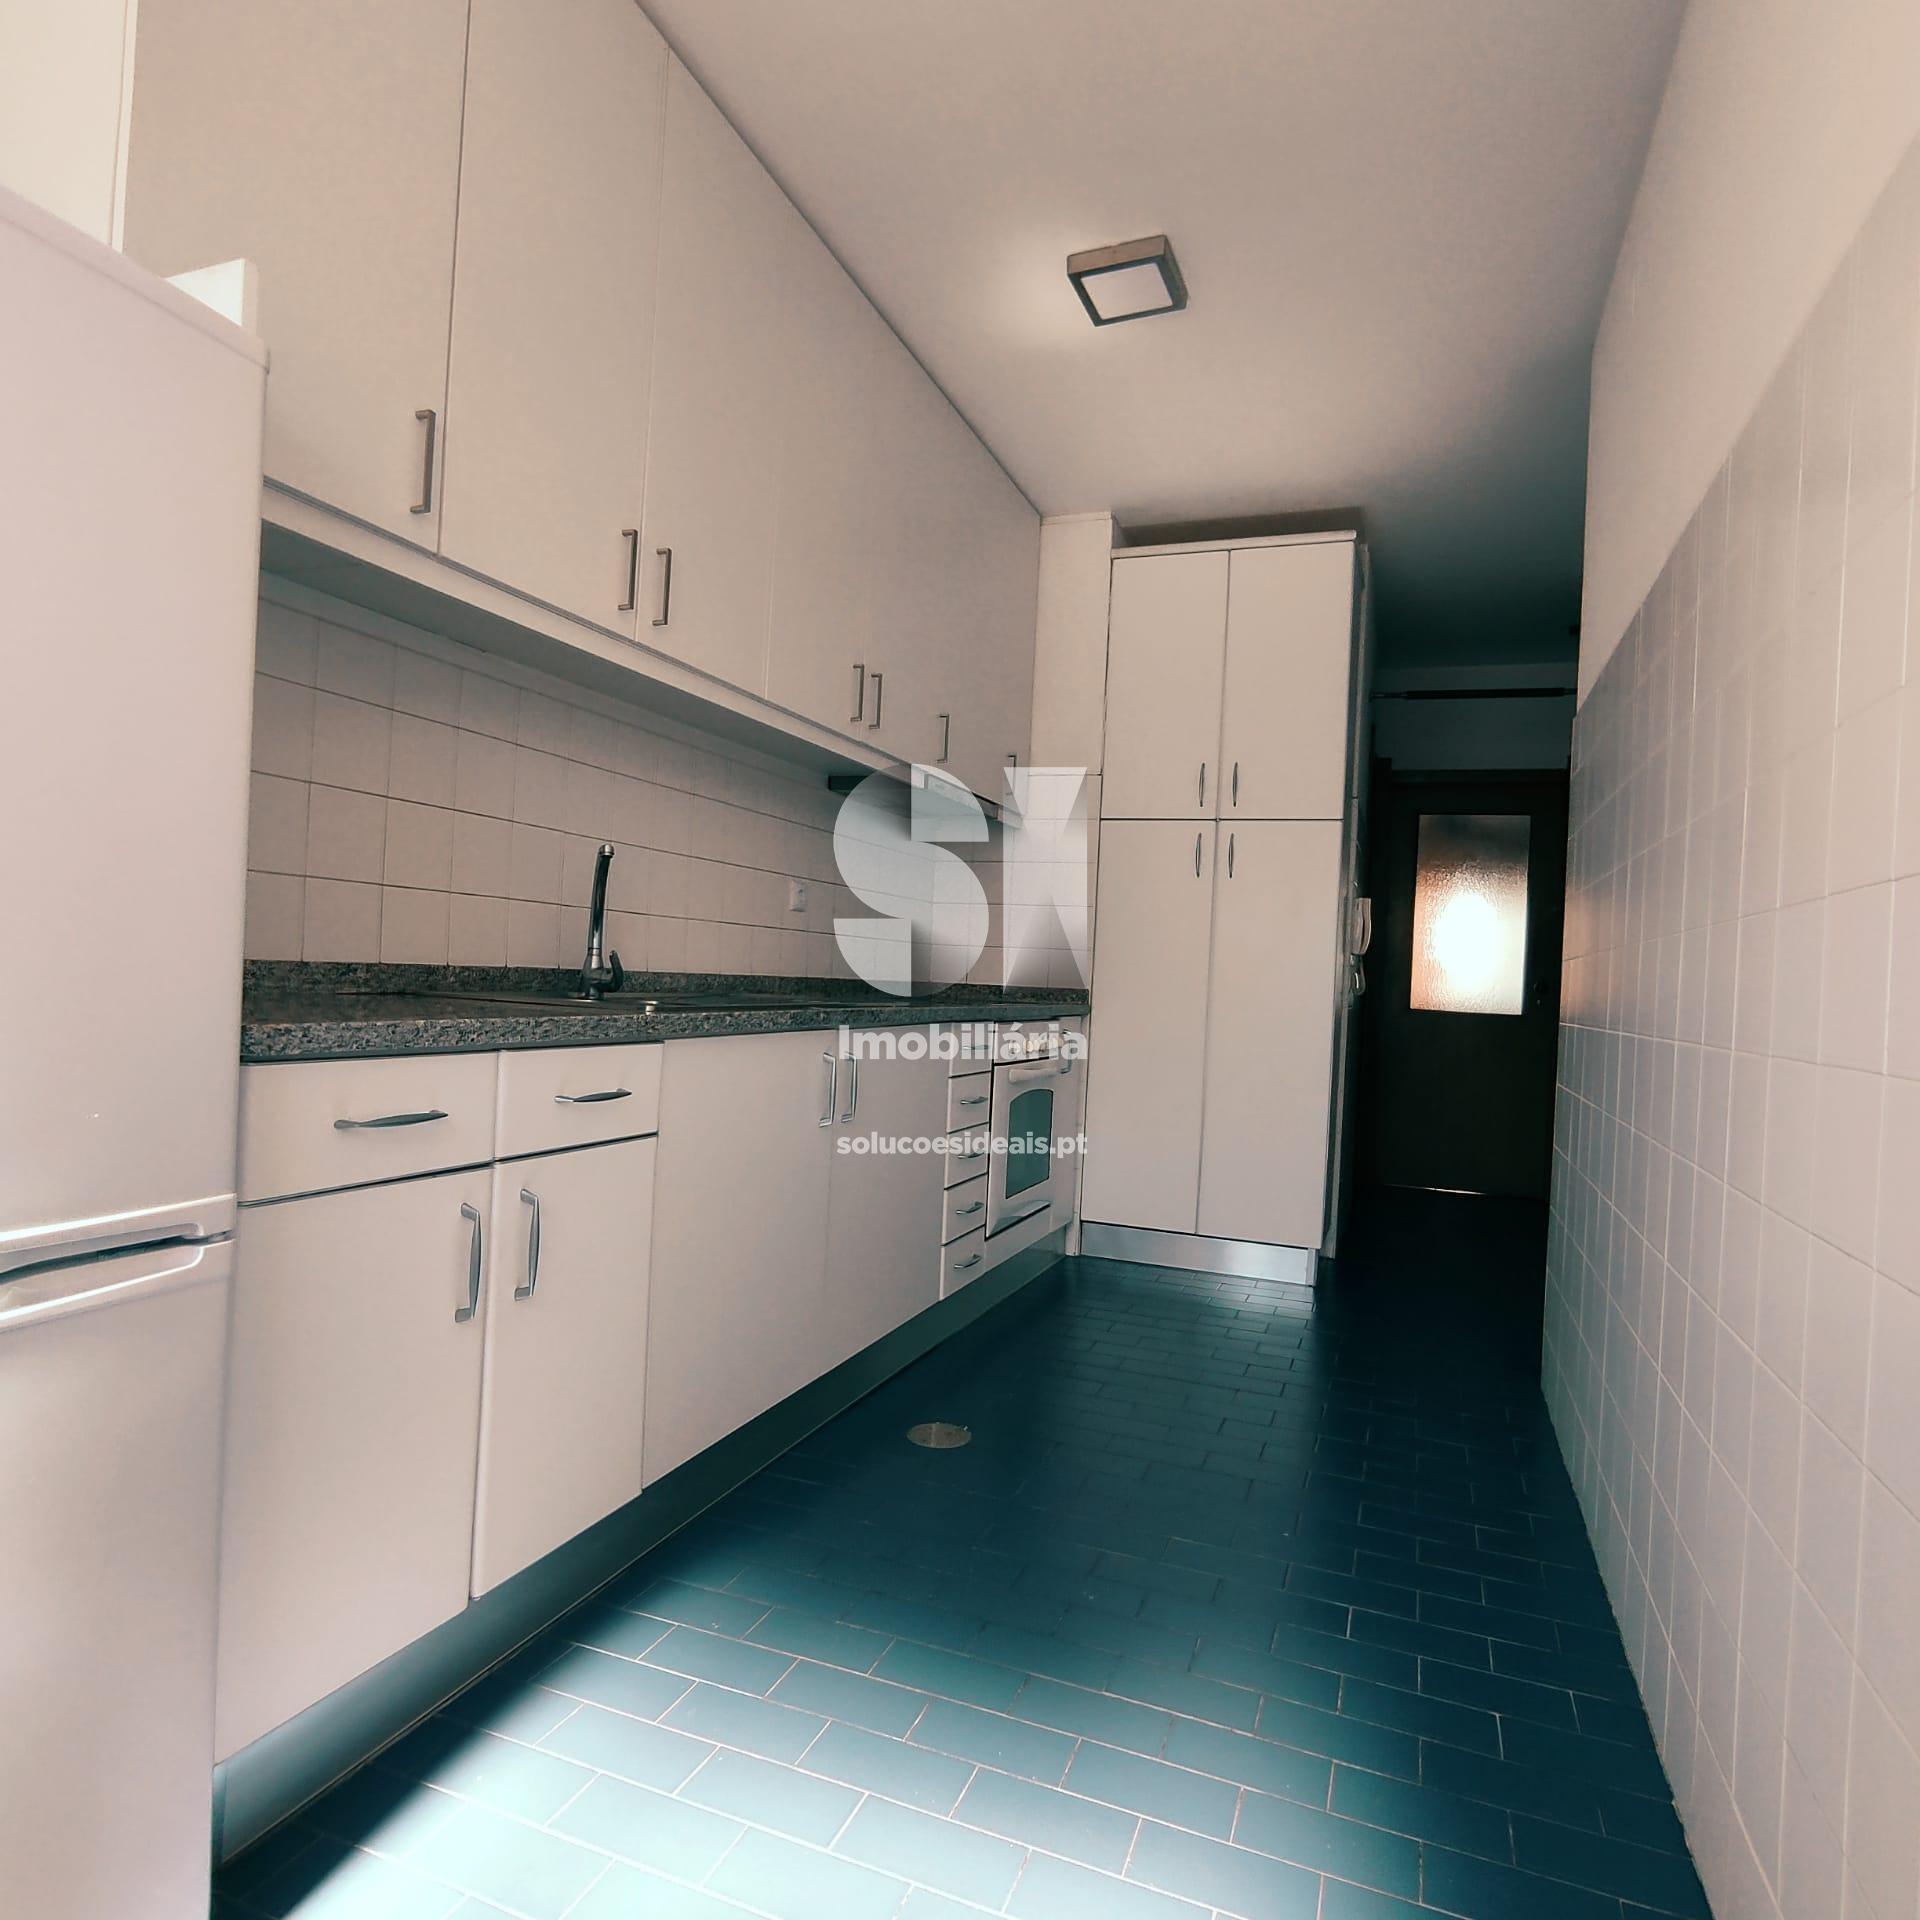 apartamento t3 para compra em maia cidade da maia MAICN296